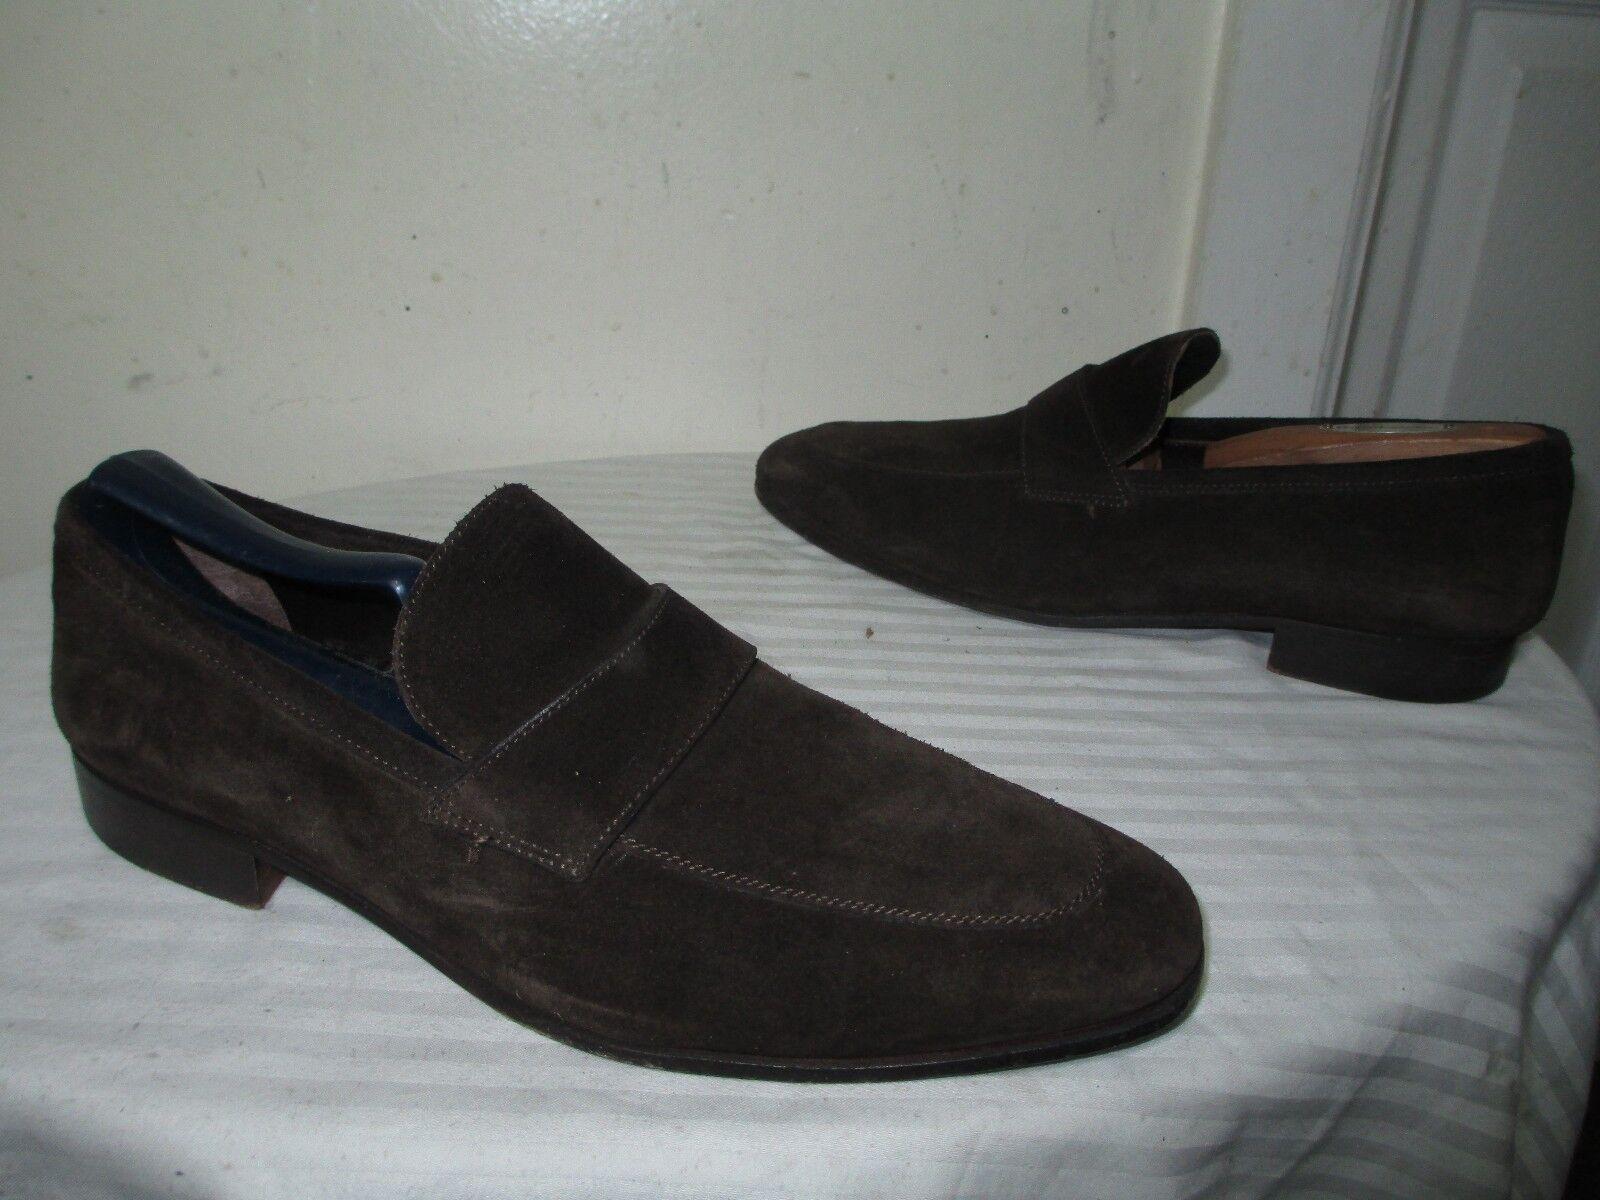 A.TESTONI BASIC uomo'S BROWN SUEDE SLIP ON LOAFERS DRESS SHOES SZ 7 M Scarpe classiche da uomo